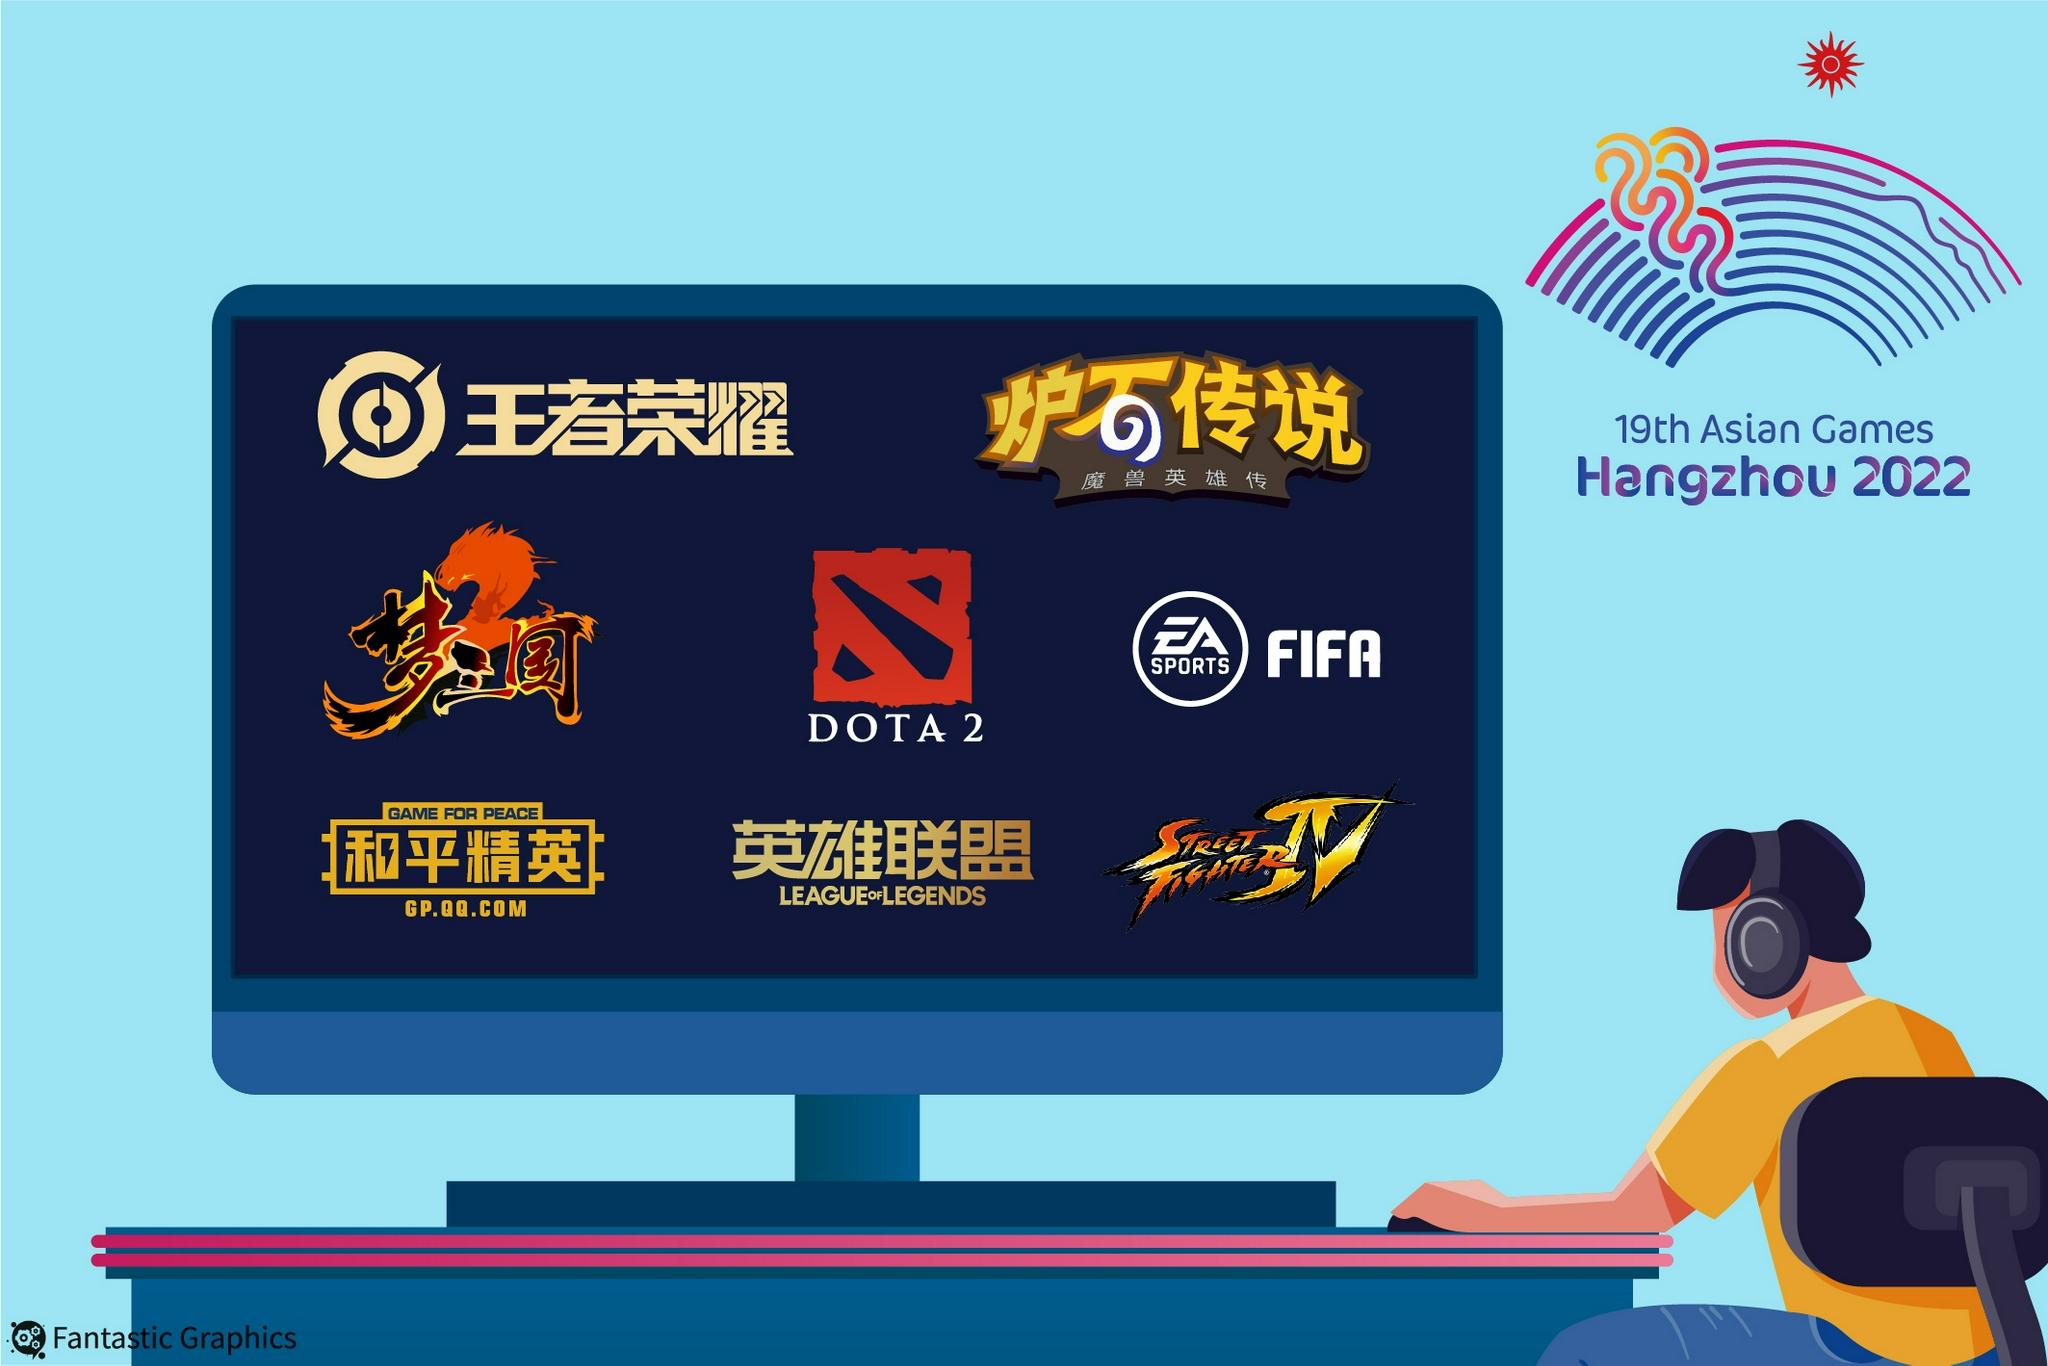 8项电竞比赛入围杭州亚运会 英雄联盟、王者荣耀领衔